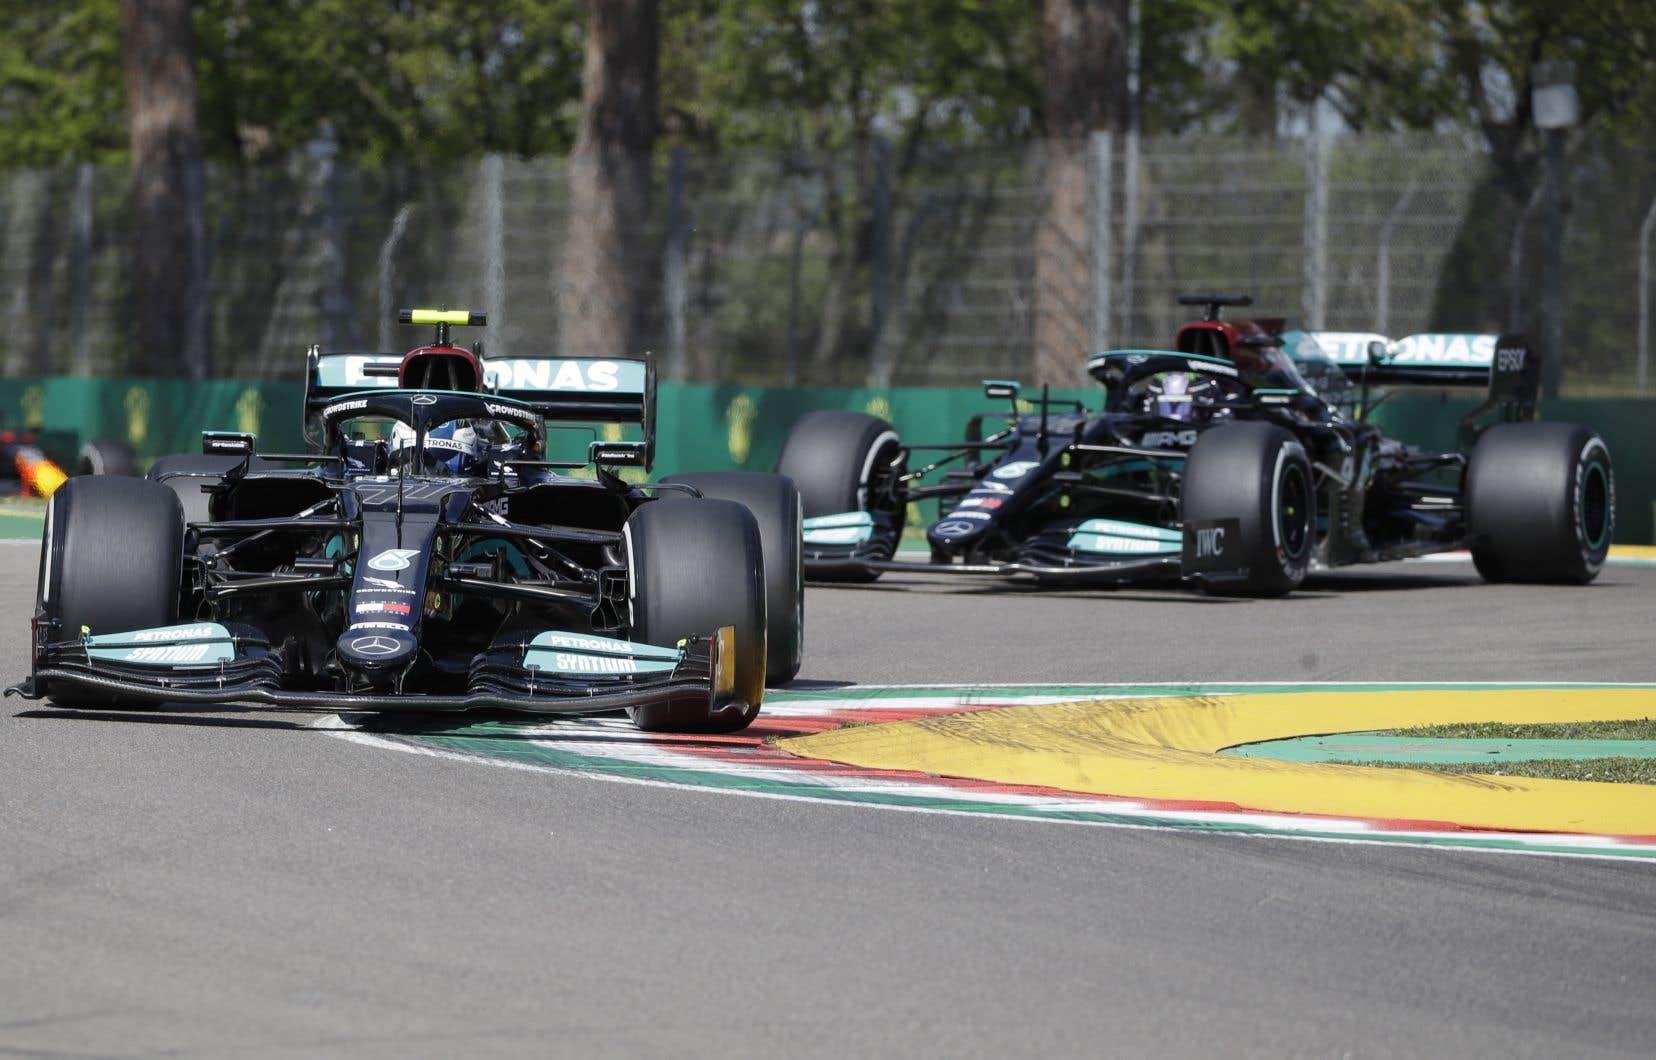 Valtteri Bottas a pris le premier rang des deux séances d'essais libres, après avoir devancé Lewis Hamilton par 10 et 41 centièmes de seconde, respectivement.